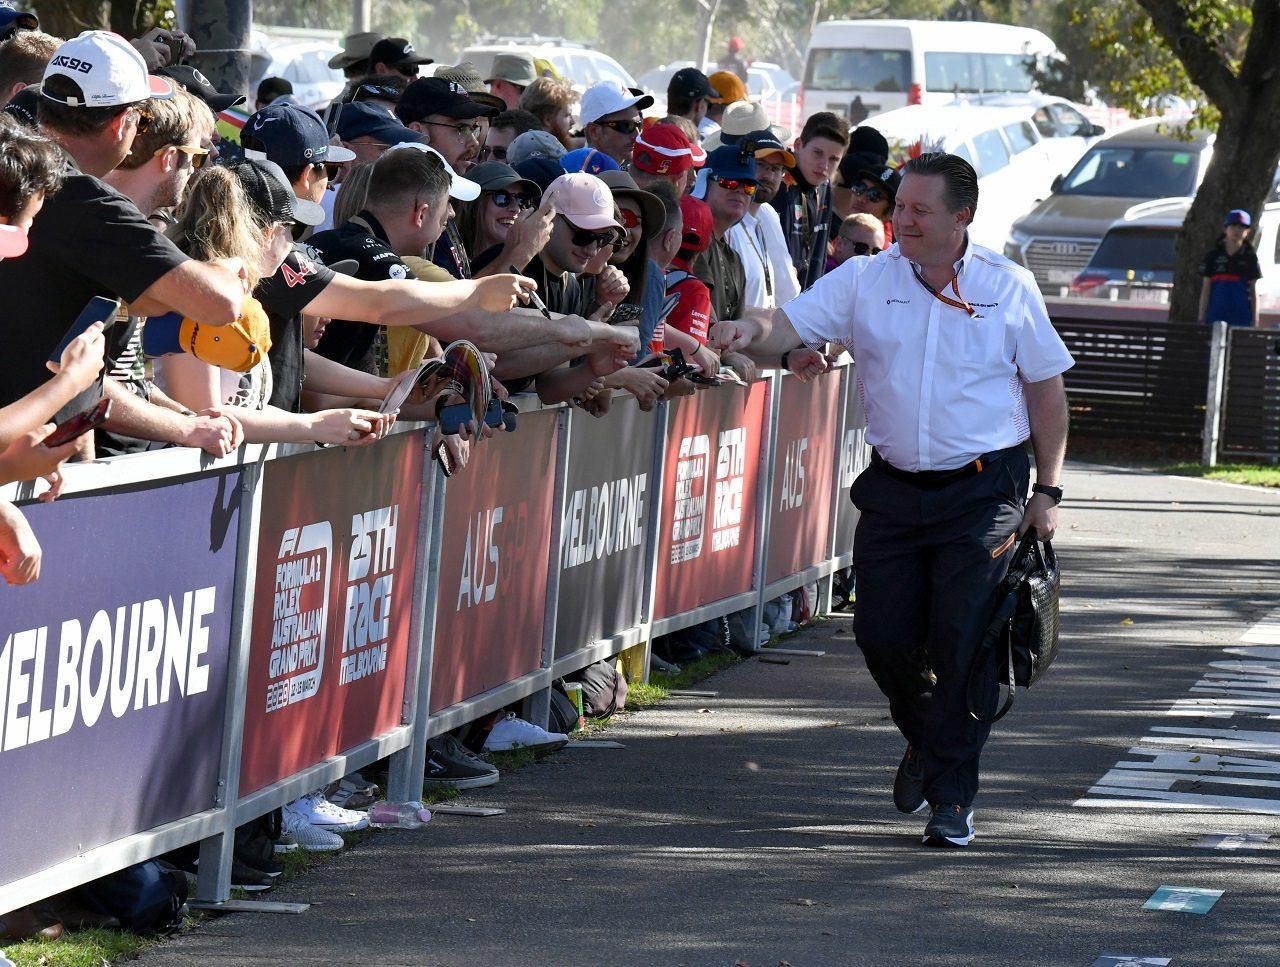 2020年F1オーストラリアGP マクラーレンCEOザク・ブラウン